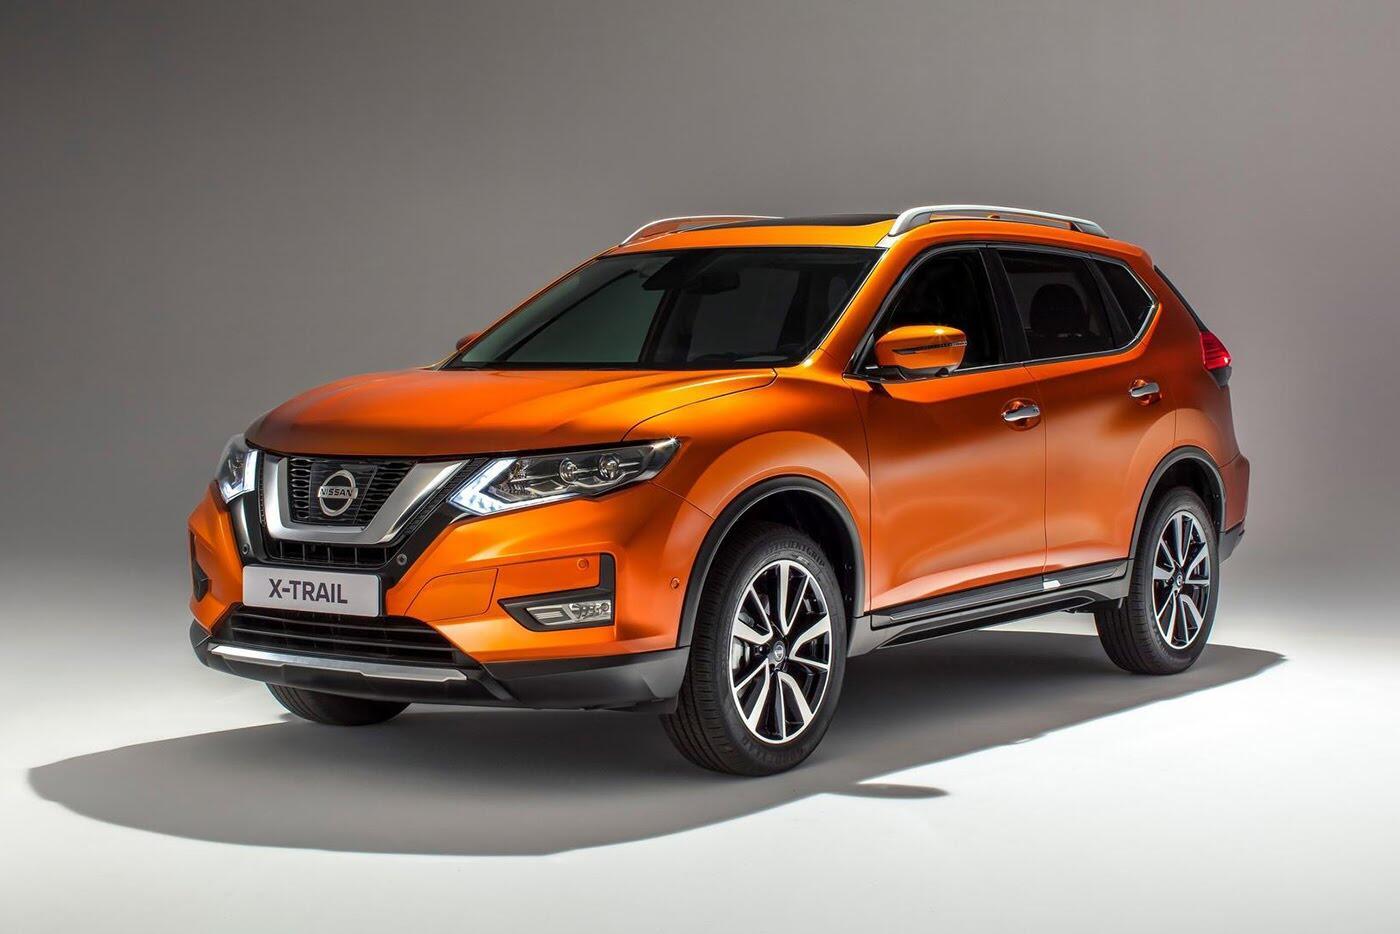 Nissan X-Trail 2017 có thêm phiên bản Nismo mới hầm hố và thể thao - Hình 6